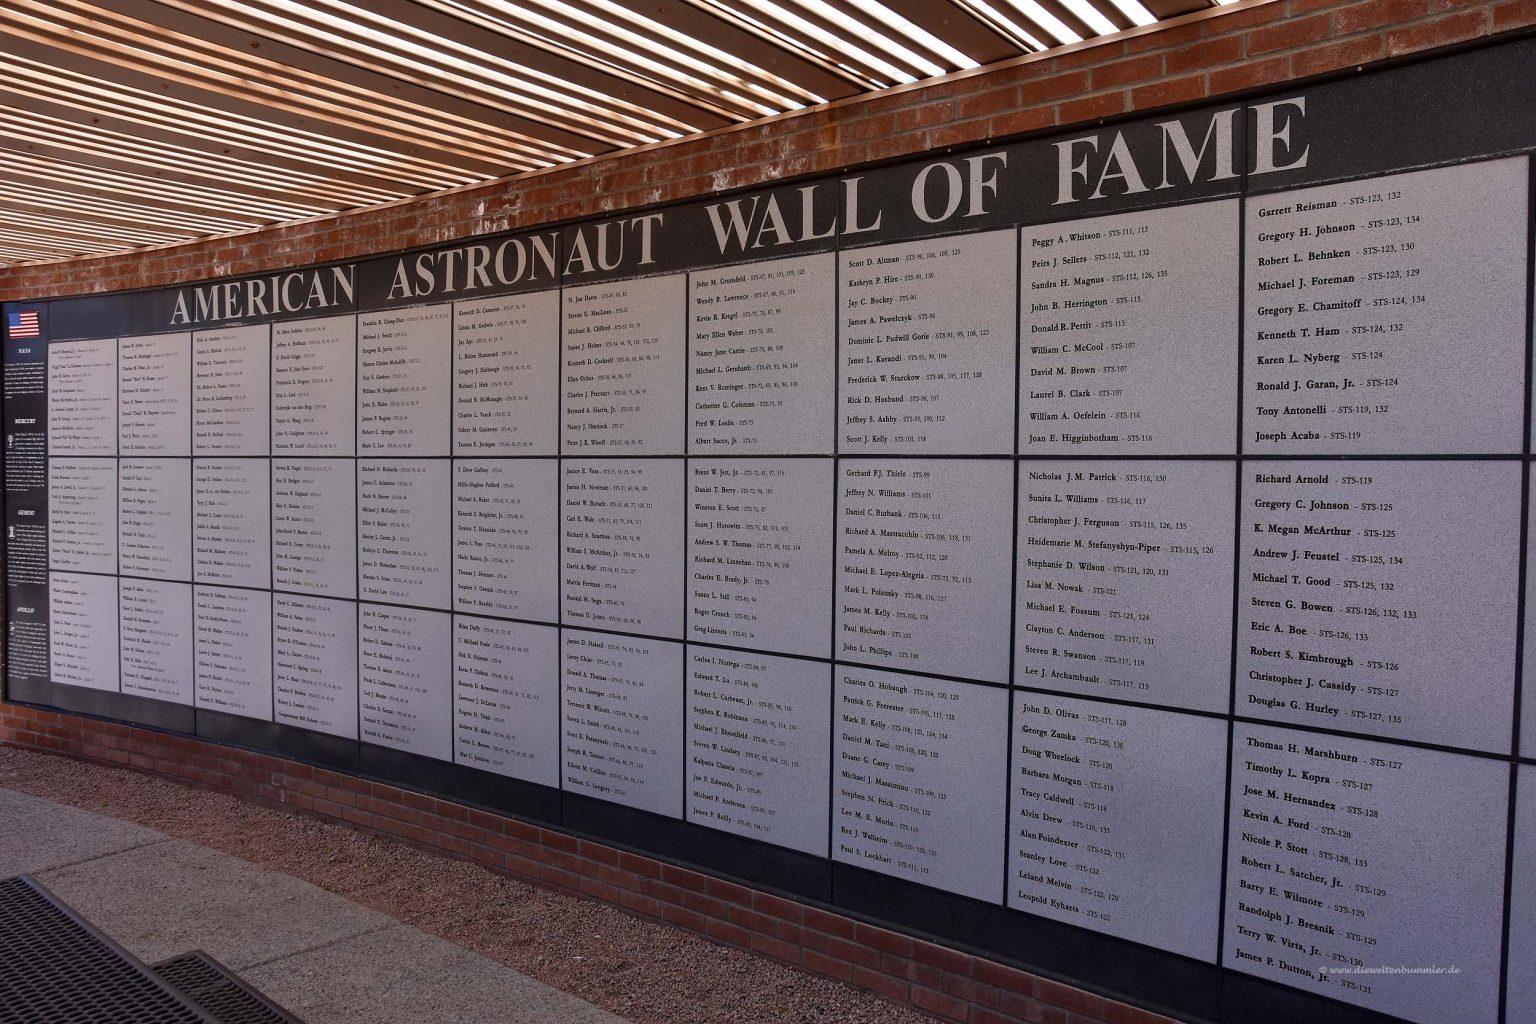 Hall of Fame der Astronauten